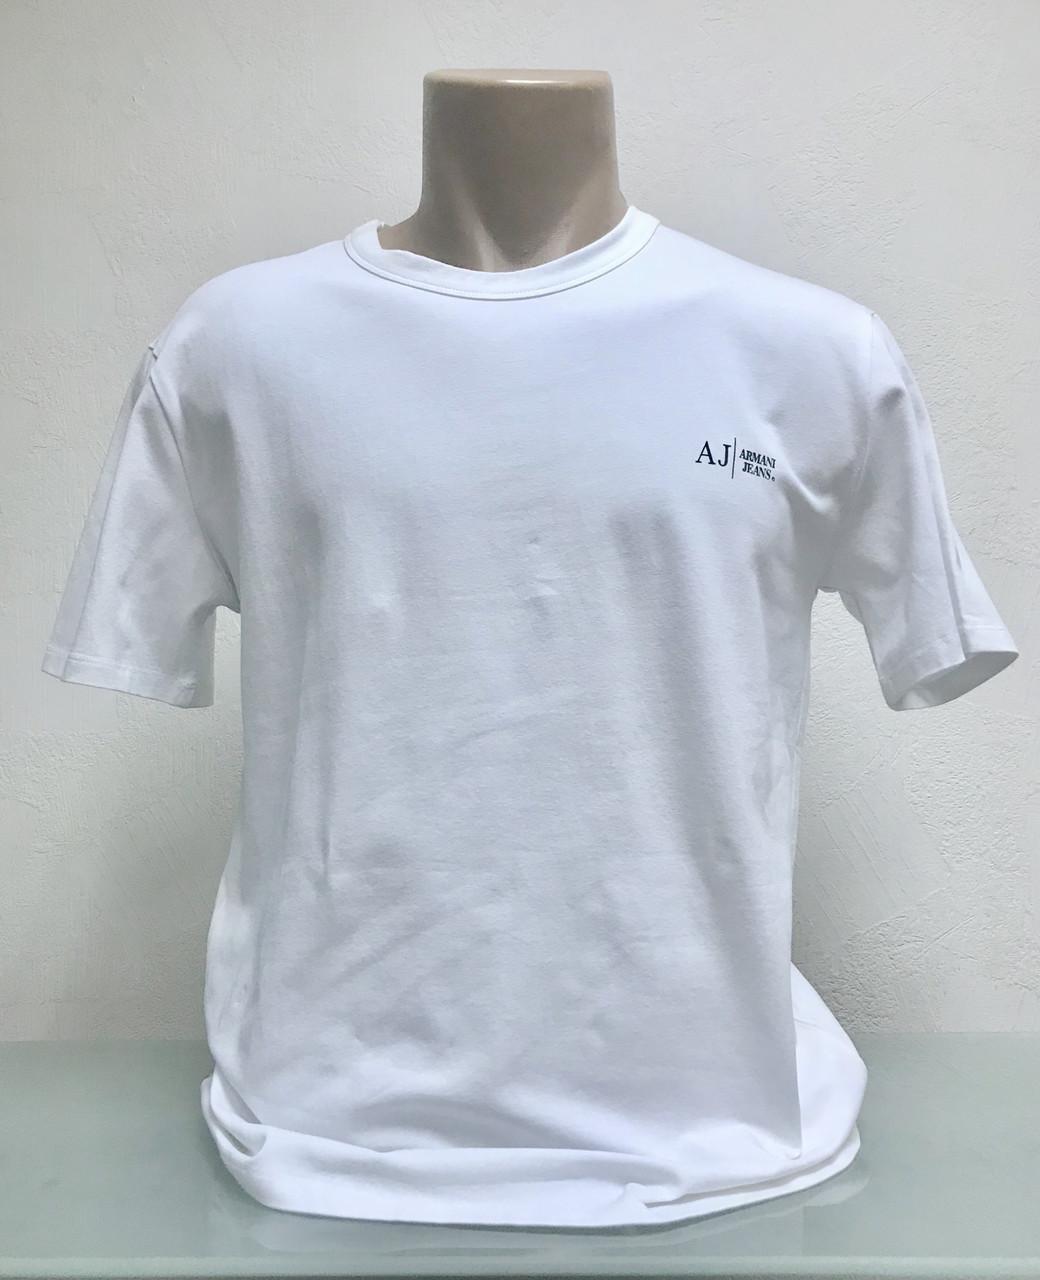 5372915310ccd Футболка мужская Armani jeans оригинал . - Интернет-магазин